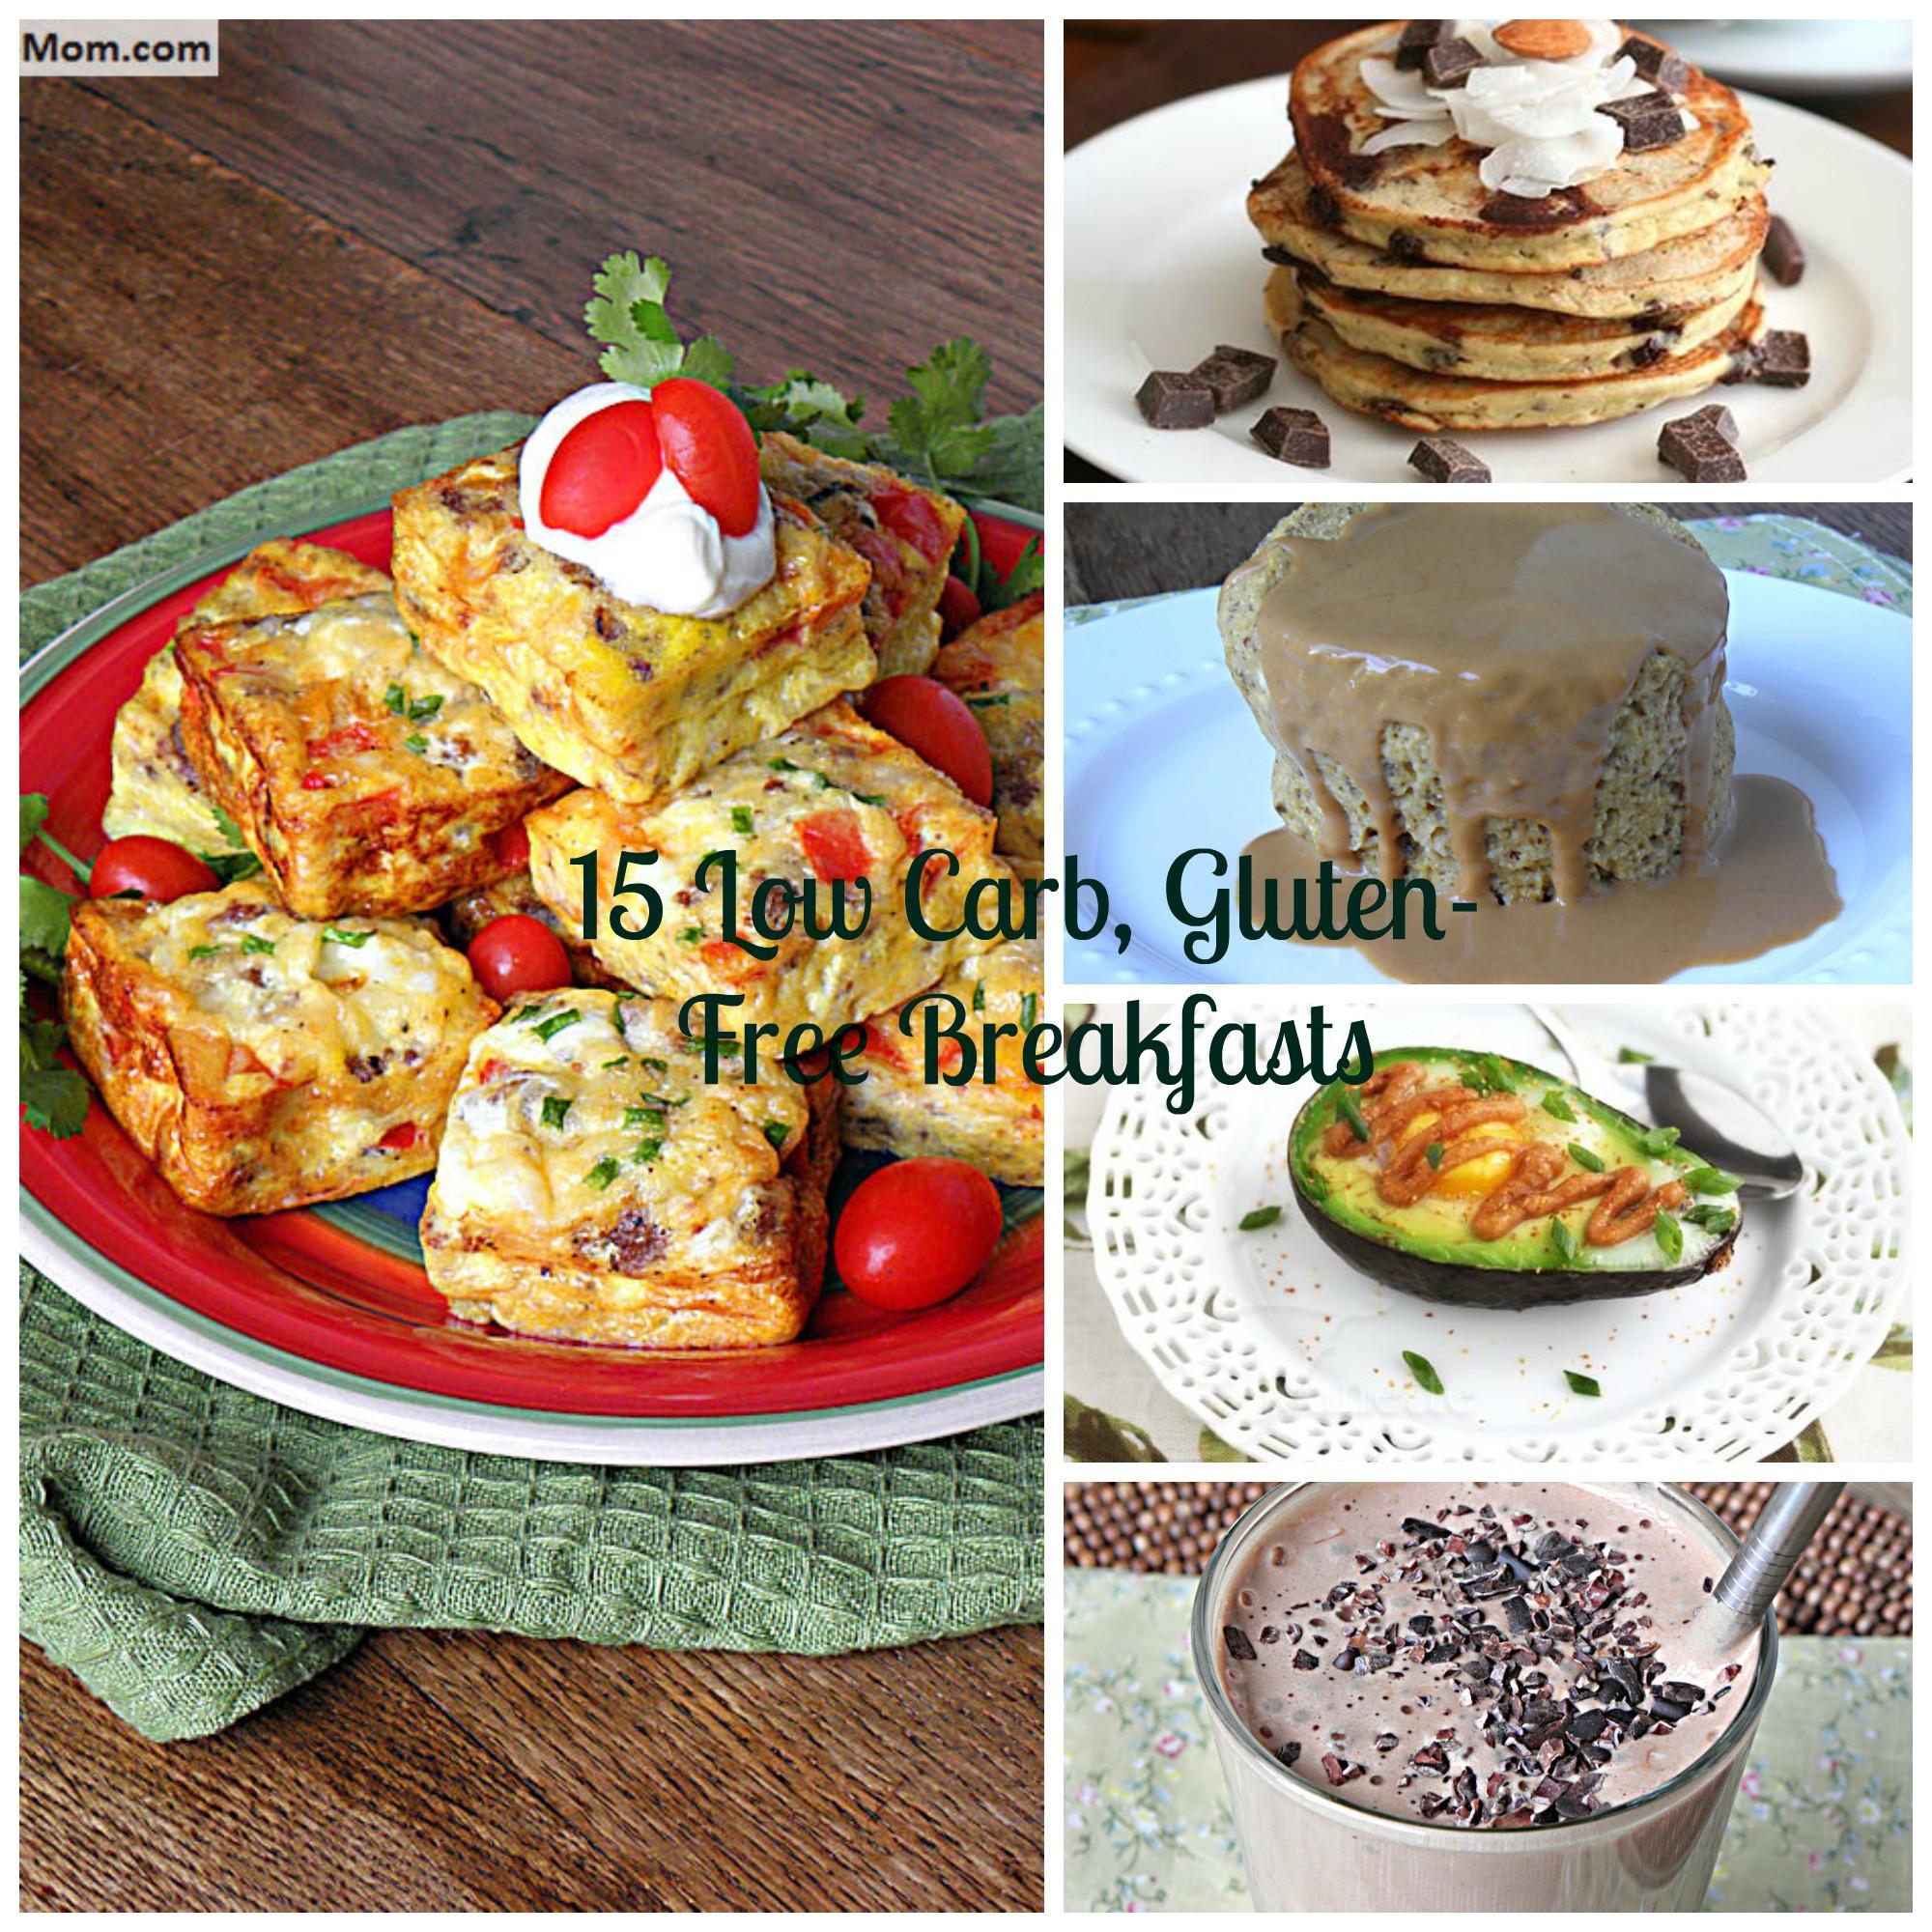 Healthy Breakfast Recipes For Diabetics  15 Gluten Free Low Carb & Diabetic Friendly Breakfast Recipes